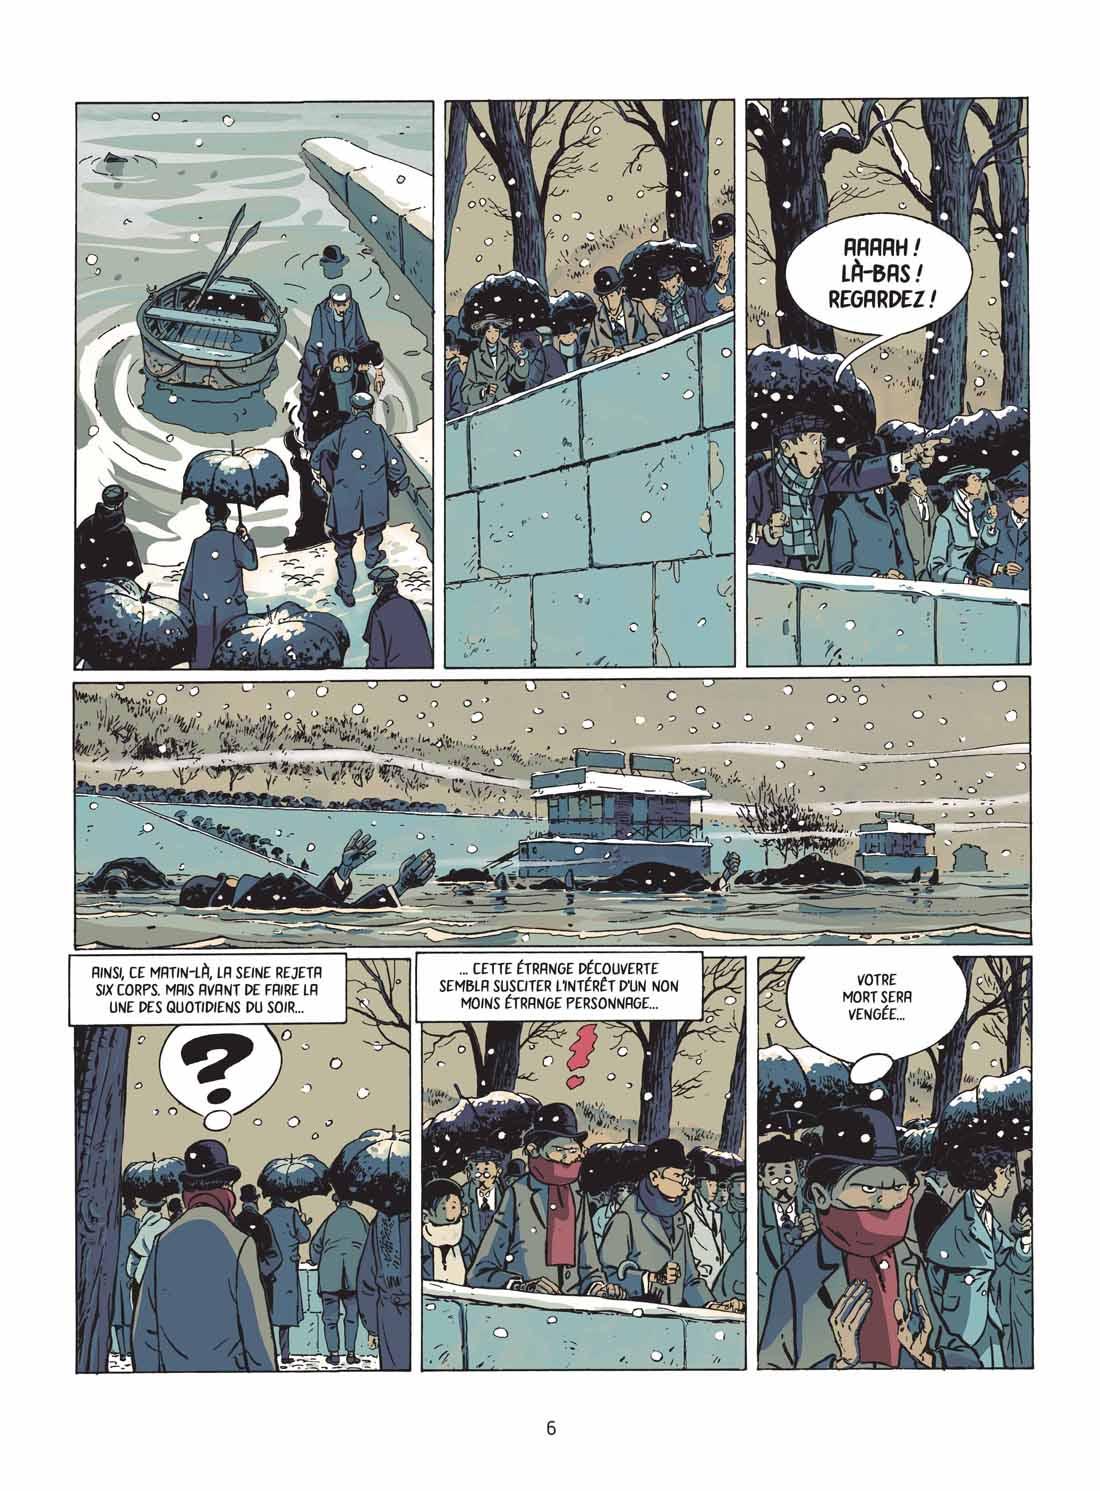 Les aventures de Victor Billetdoux, planche du tome 3 © Les Aventuriers de l'Etrange / Wininger / Benzcedi